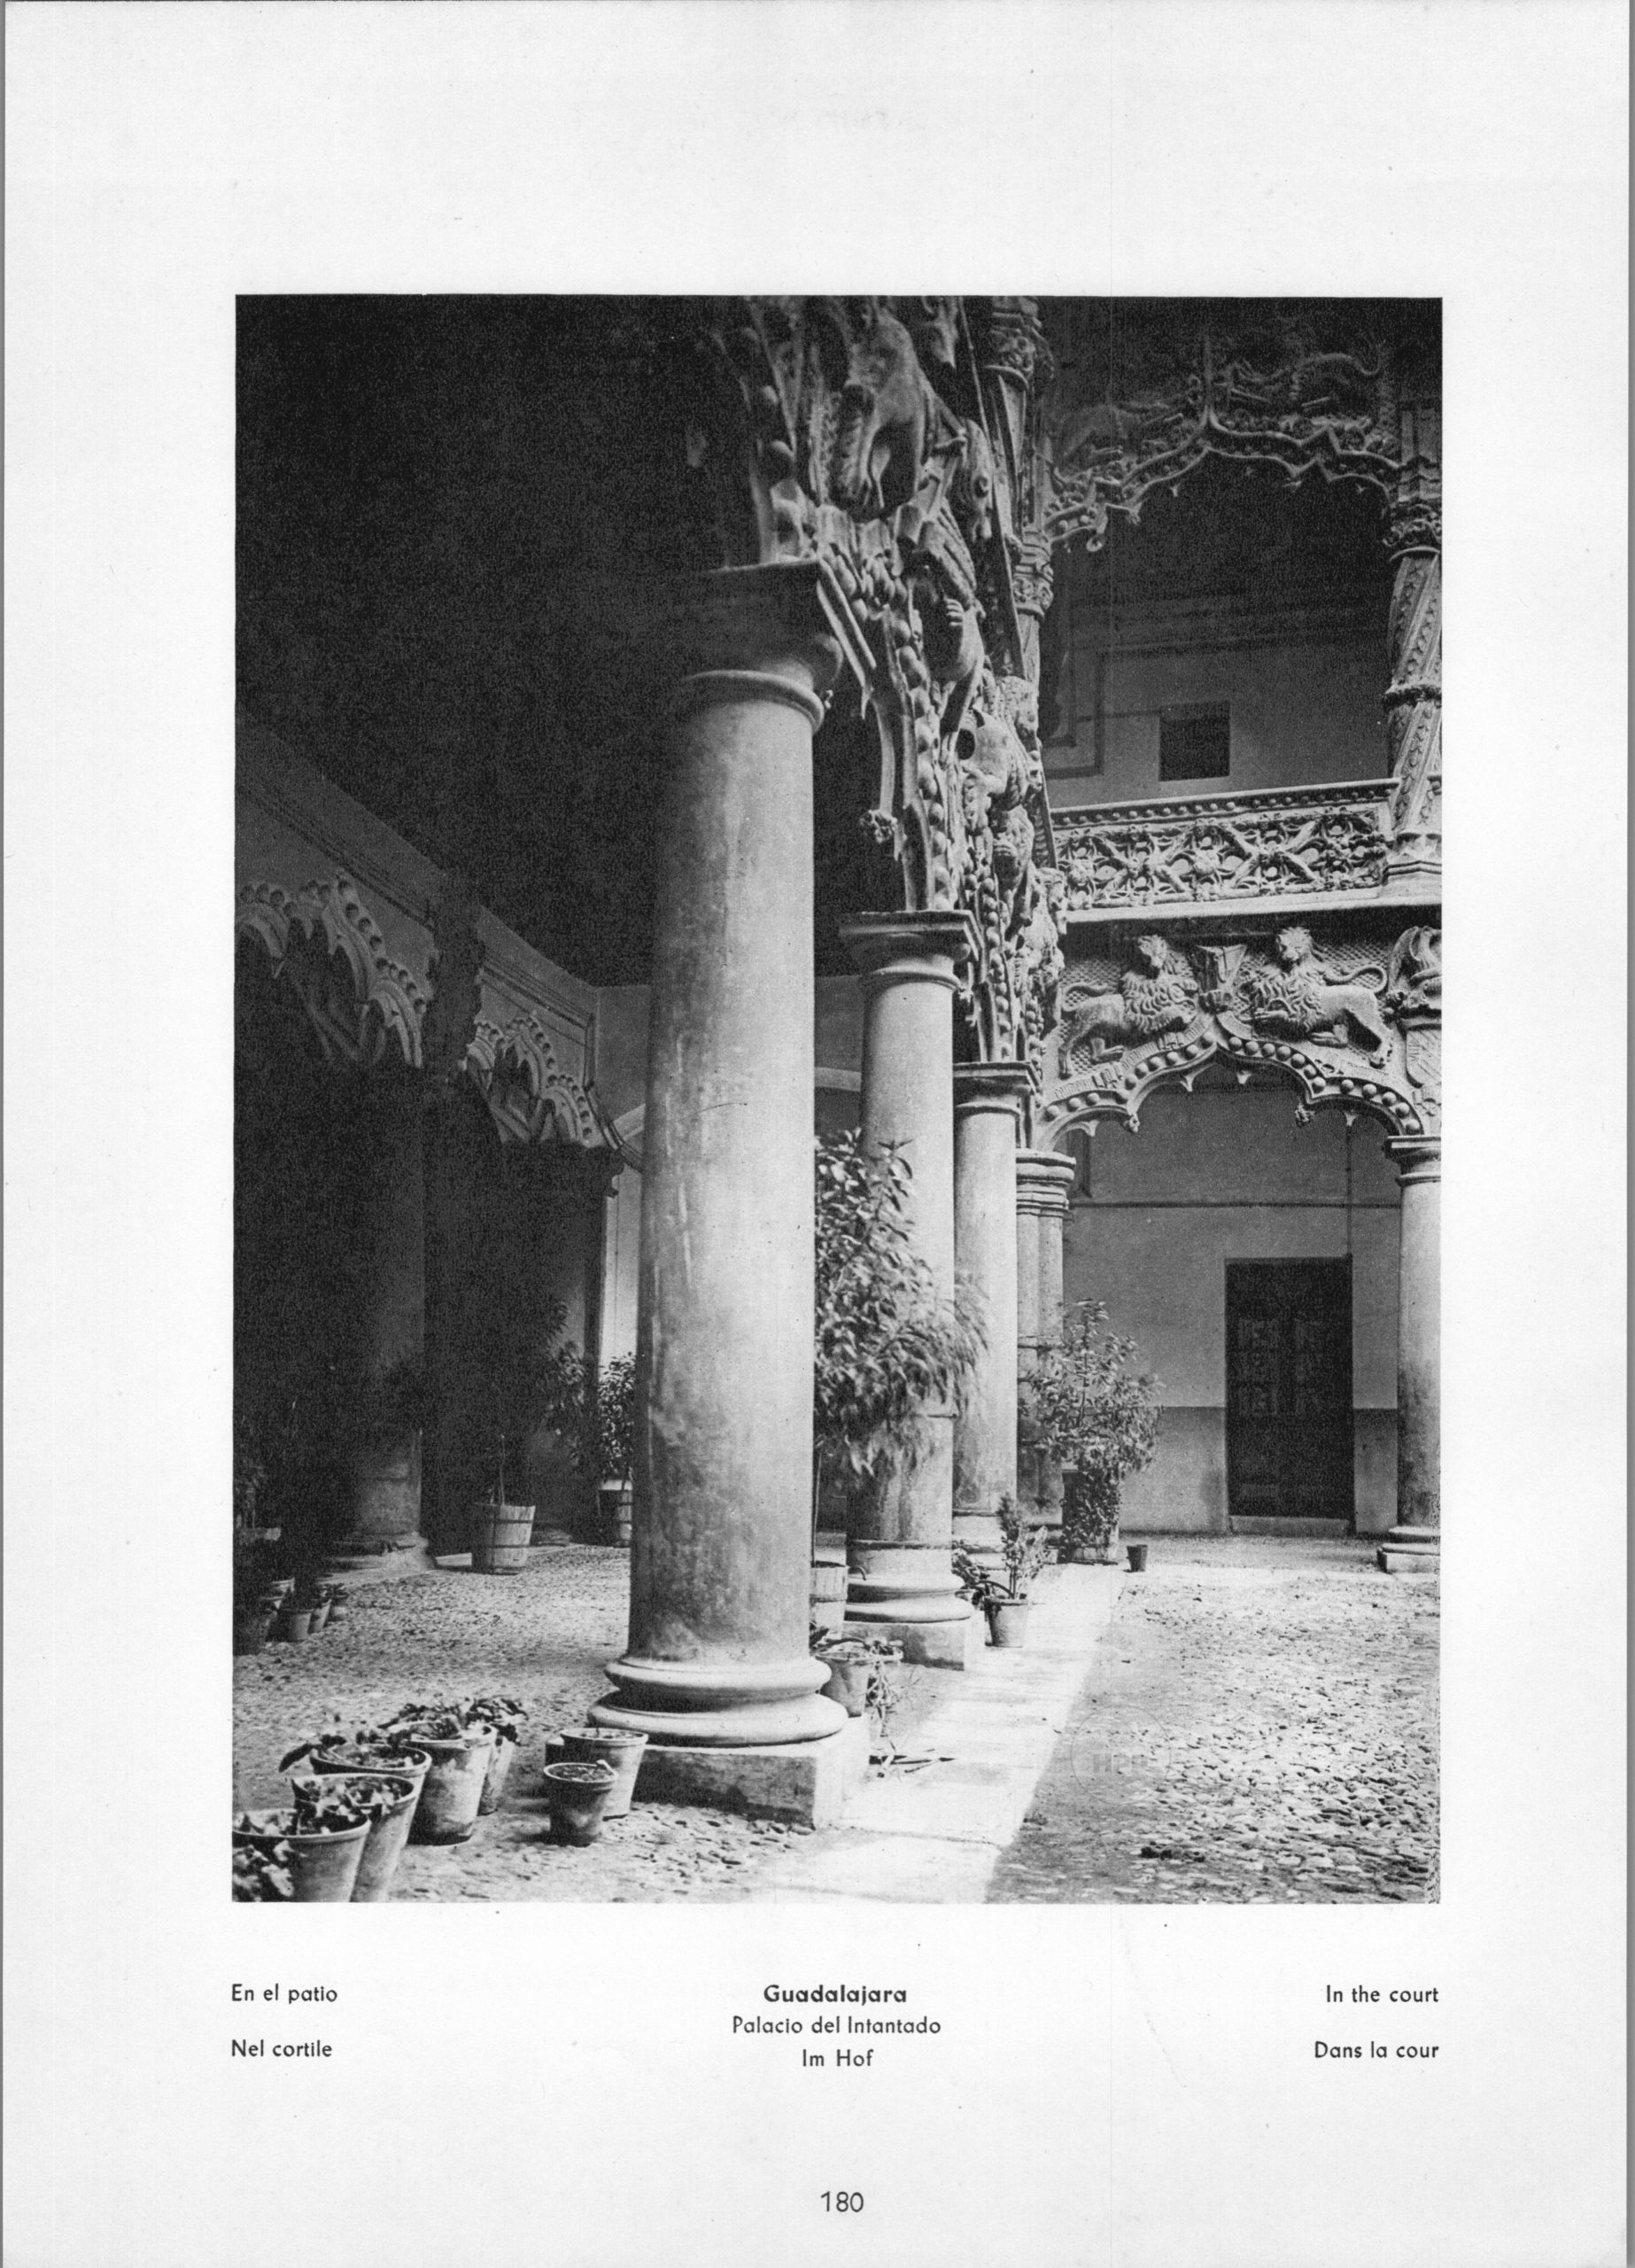 Guadalajara Palacio del Infantado - In the court